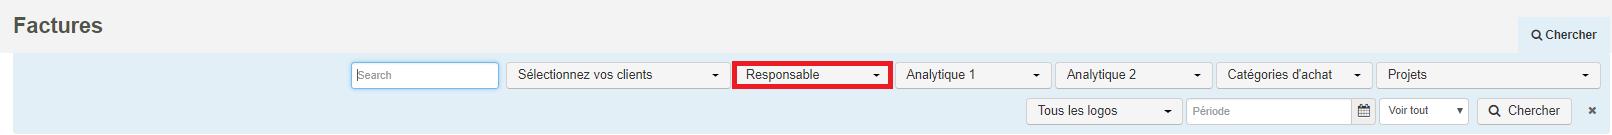 Smoall - critères de recherche factures vente-responsable